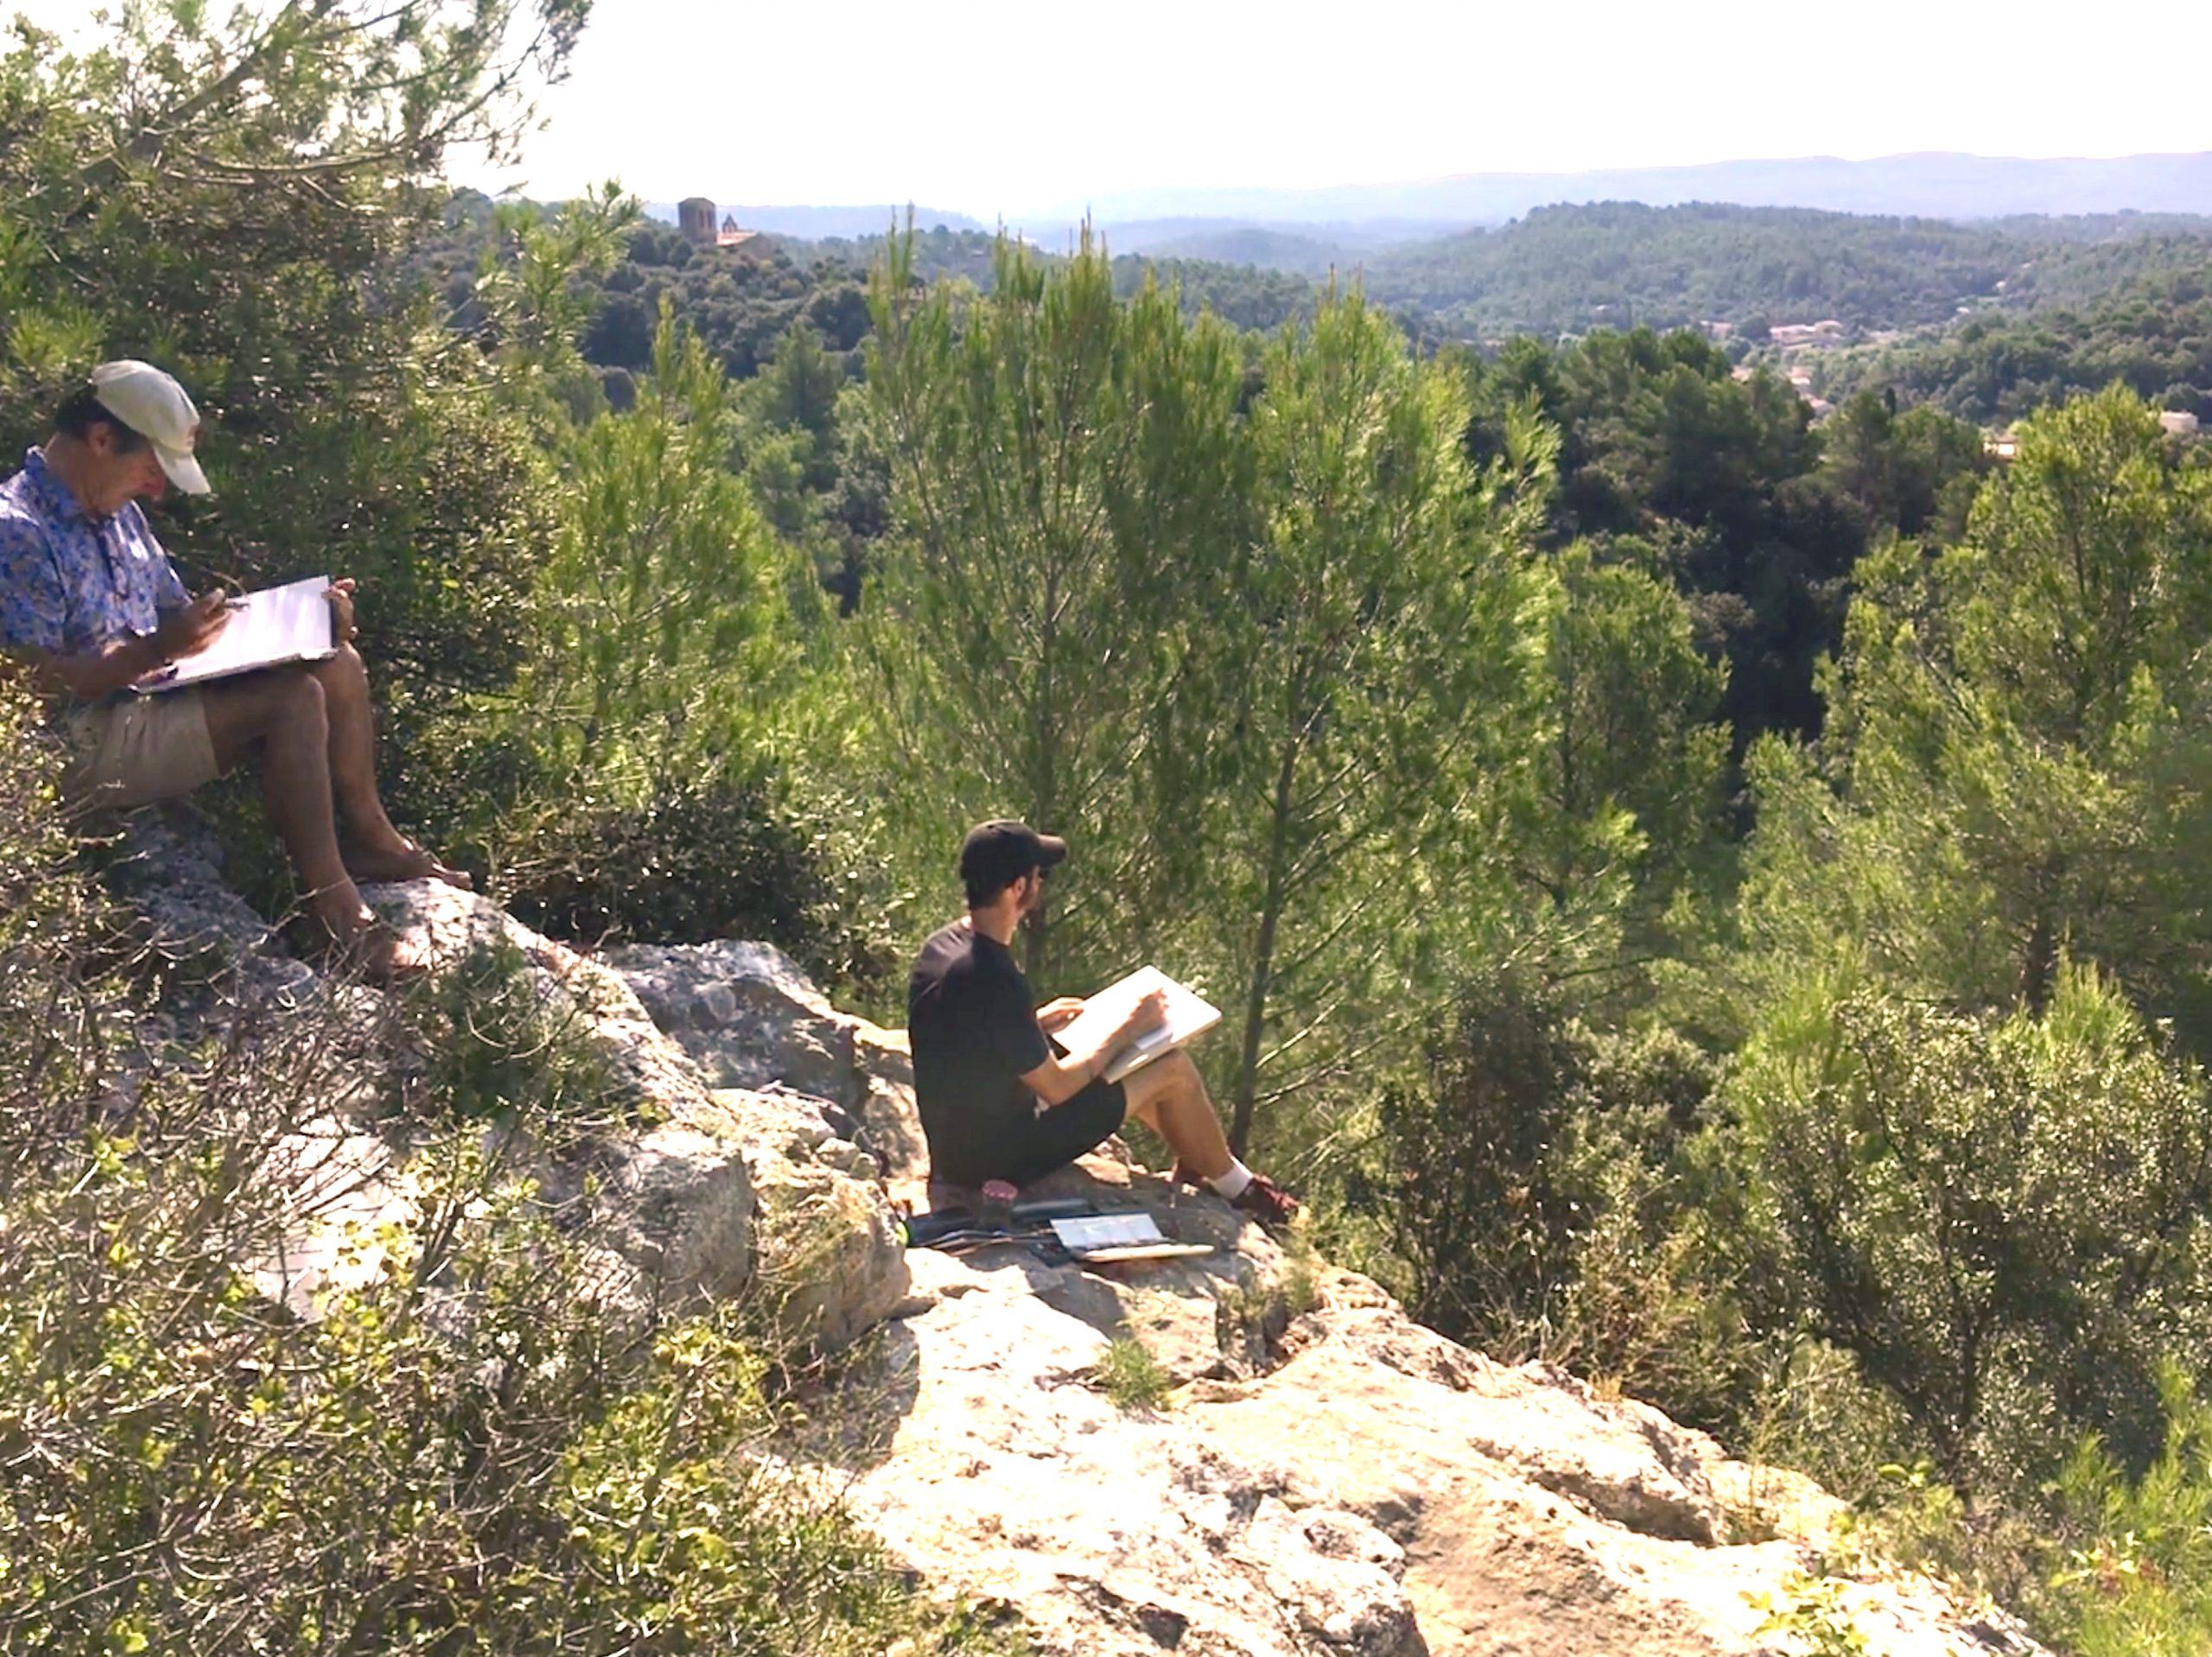 art workshop en-pein-air in provence